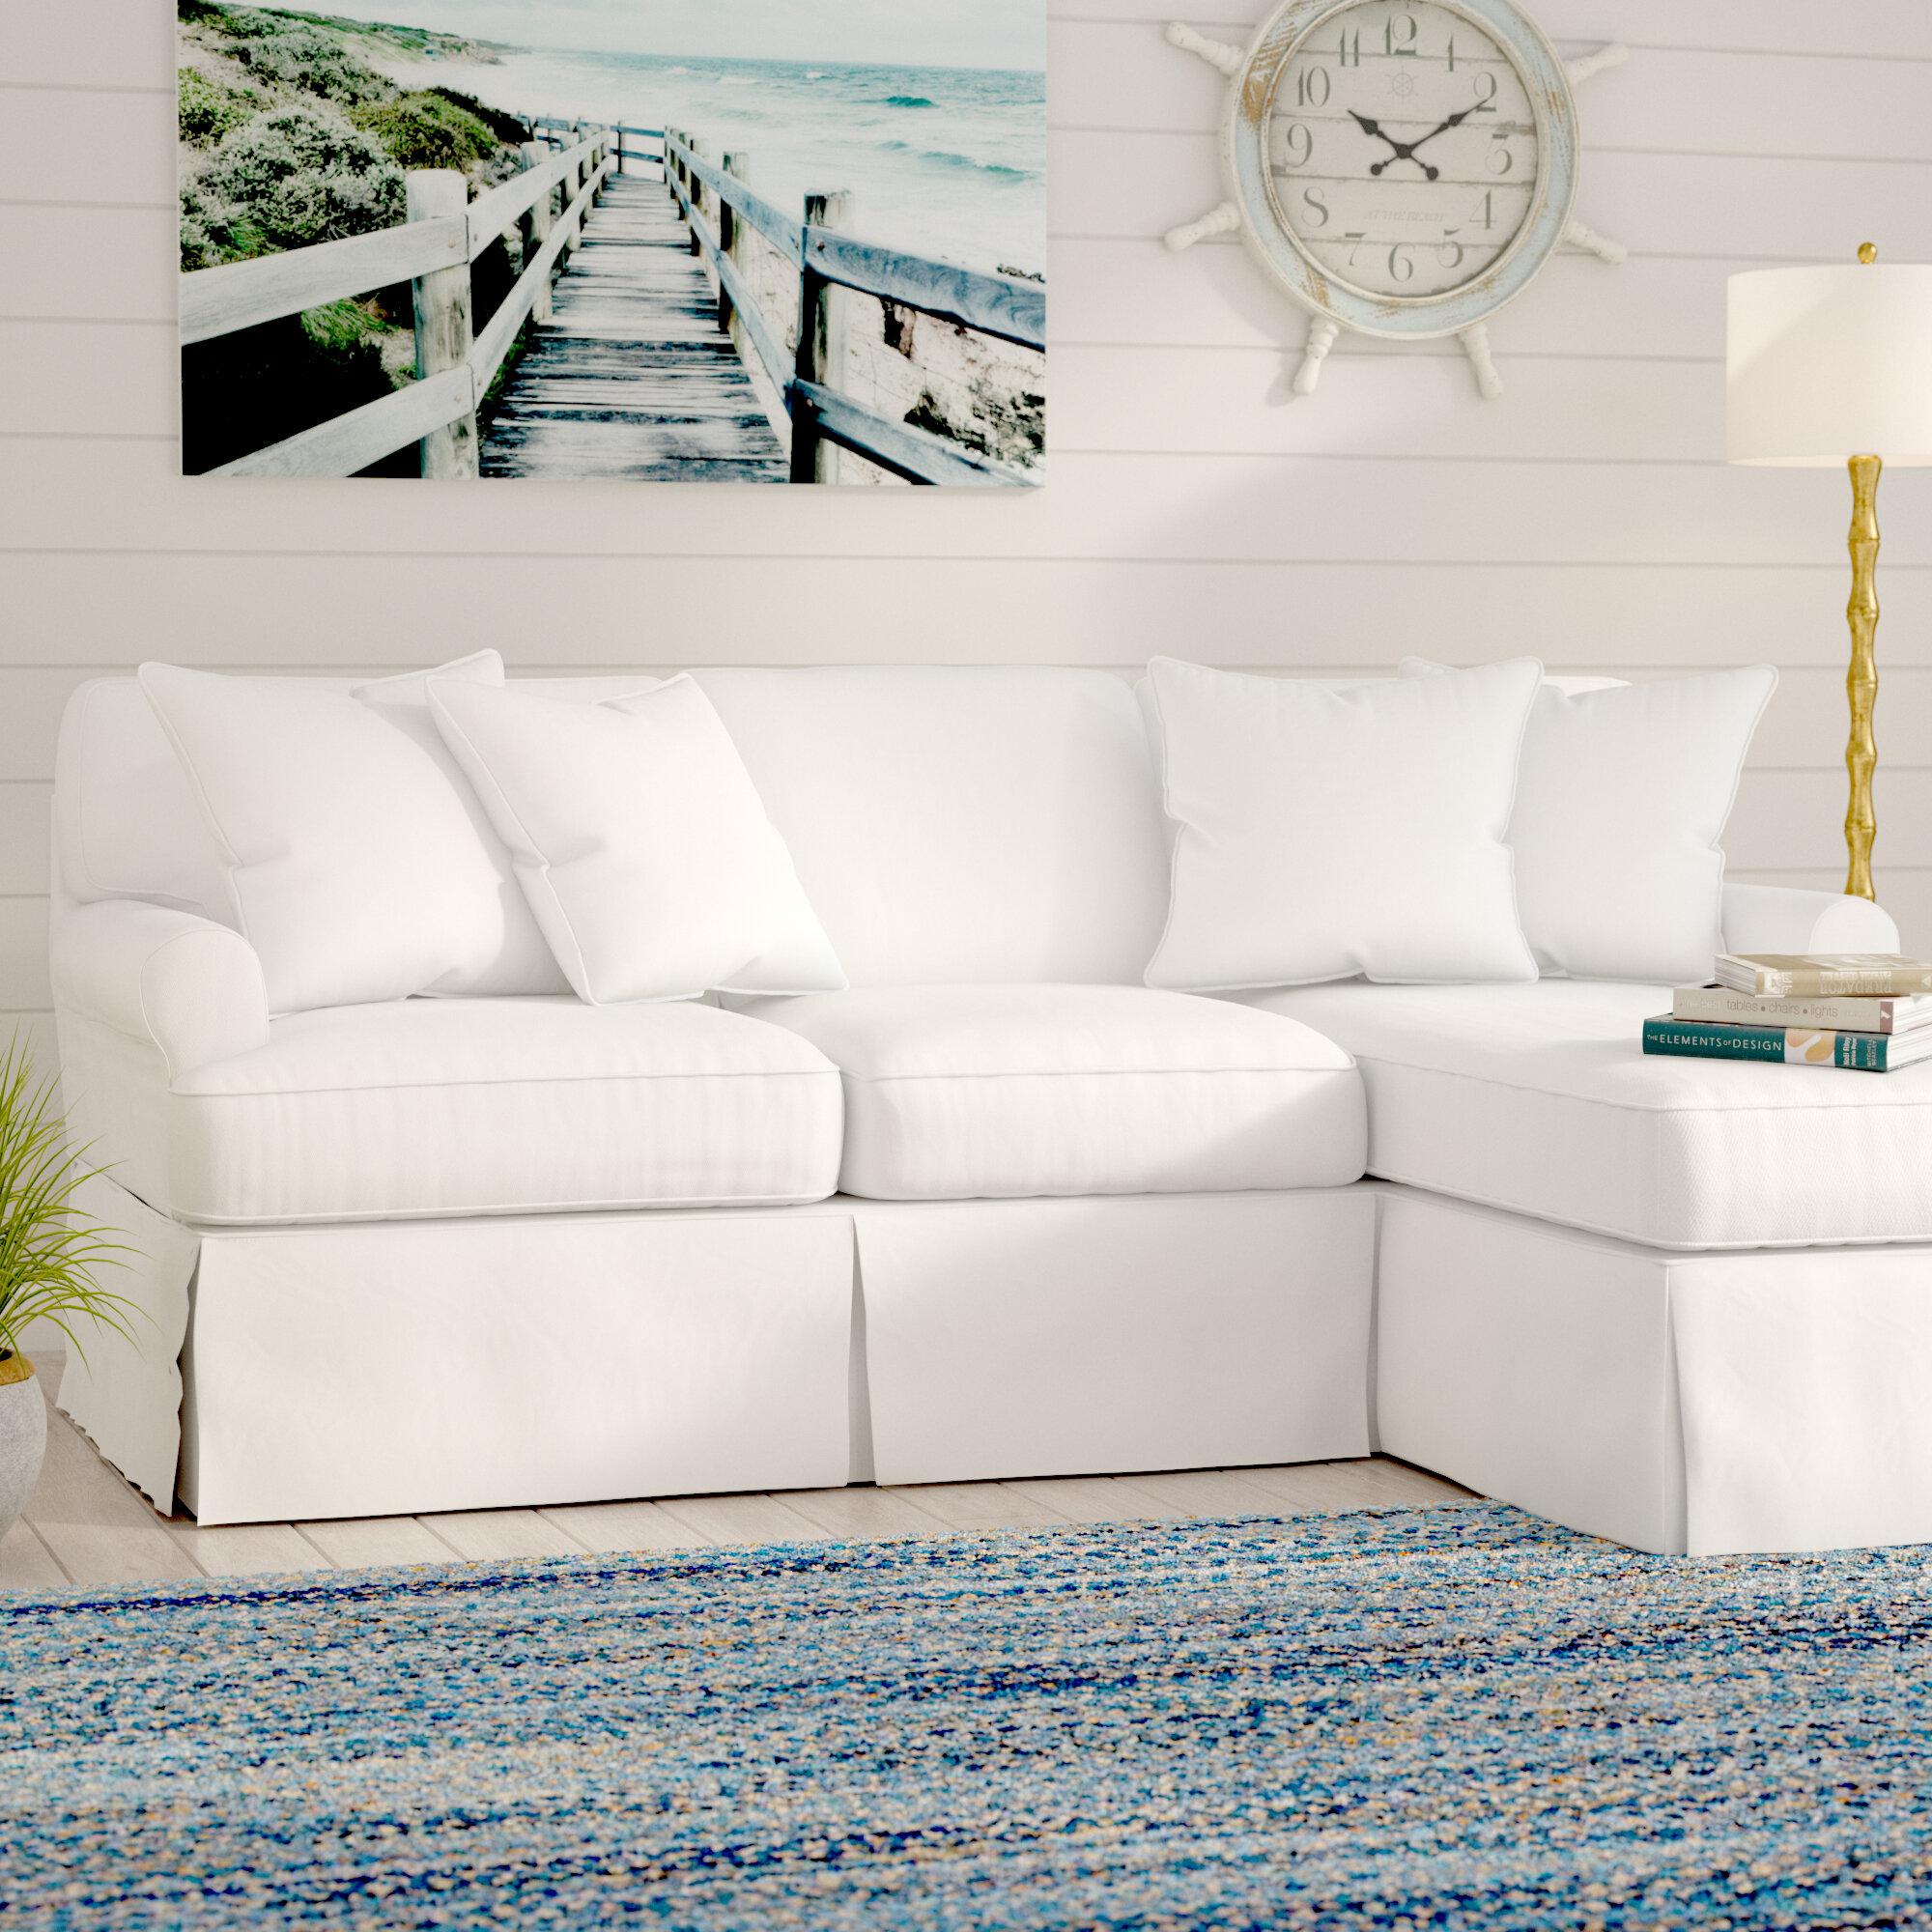 Stretch Fit Microsuede Sofa Slipcover - Serta